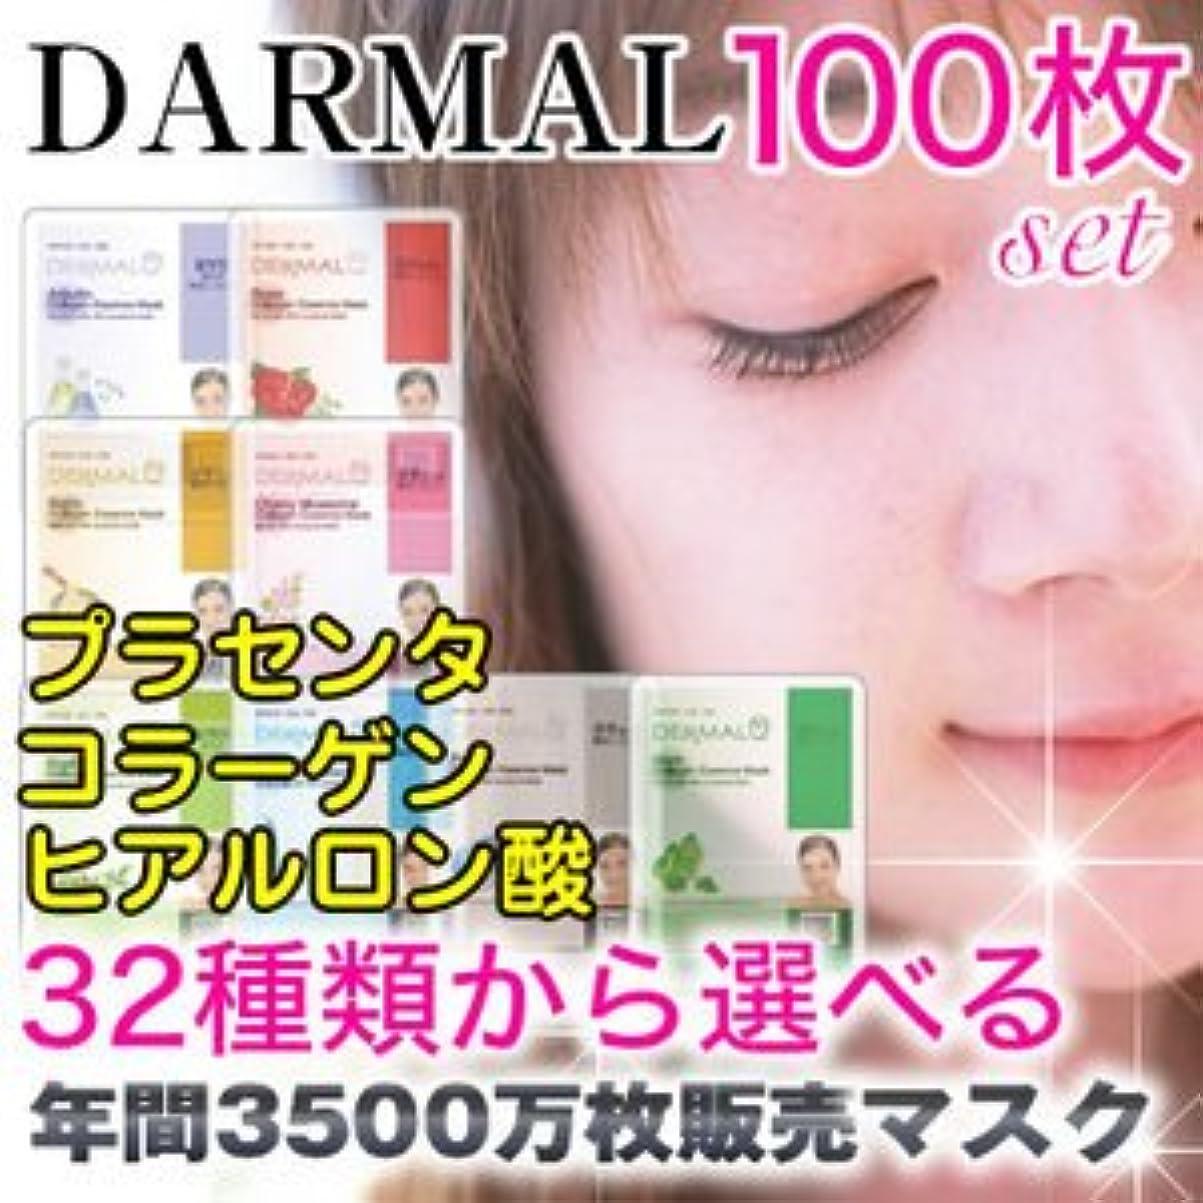 召喚する割り当てます店員※全32種類から選べる100枚セット!ダーマル DERMALエッセンスマスク